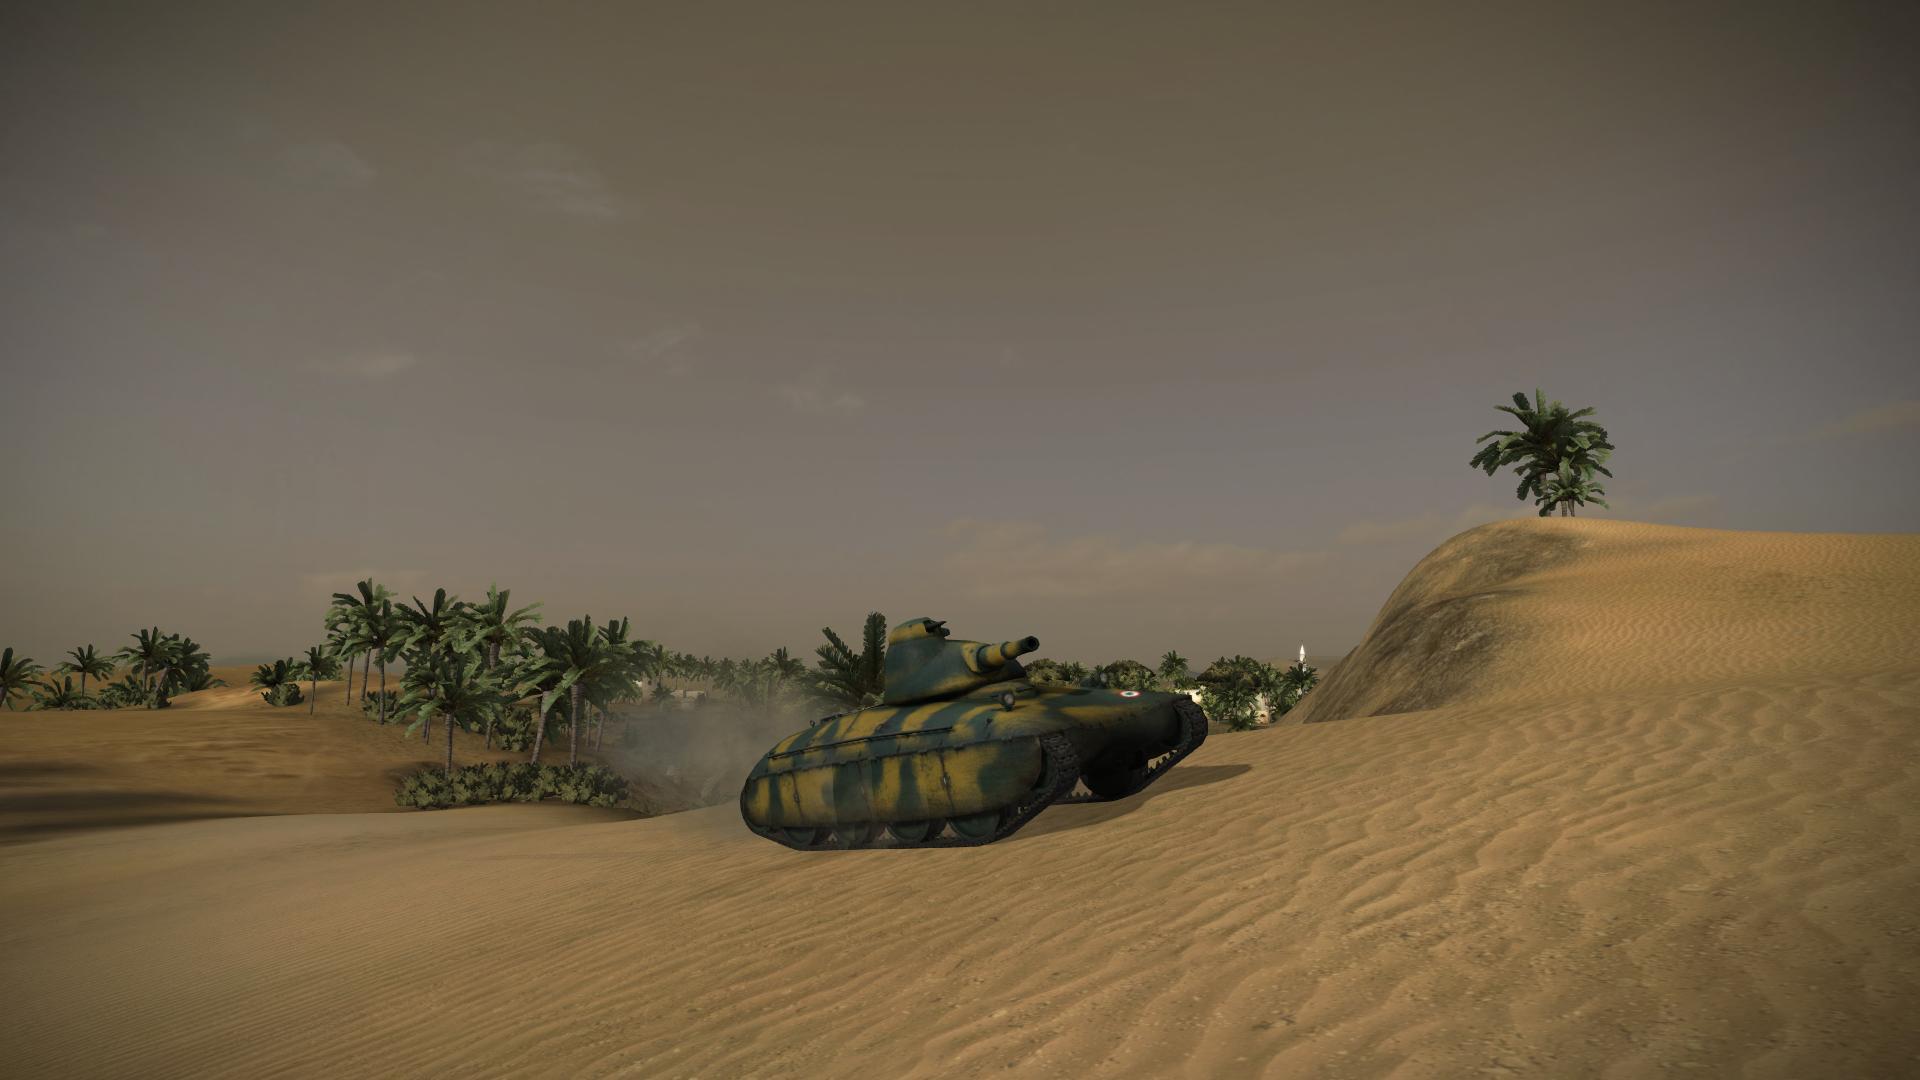 Klicke auf die Grafik für eine größere AnsichtName:AMX-40_3.jpgHits:84Größe:126,9 KBID:6076